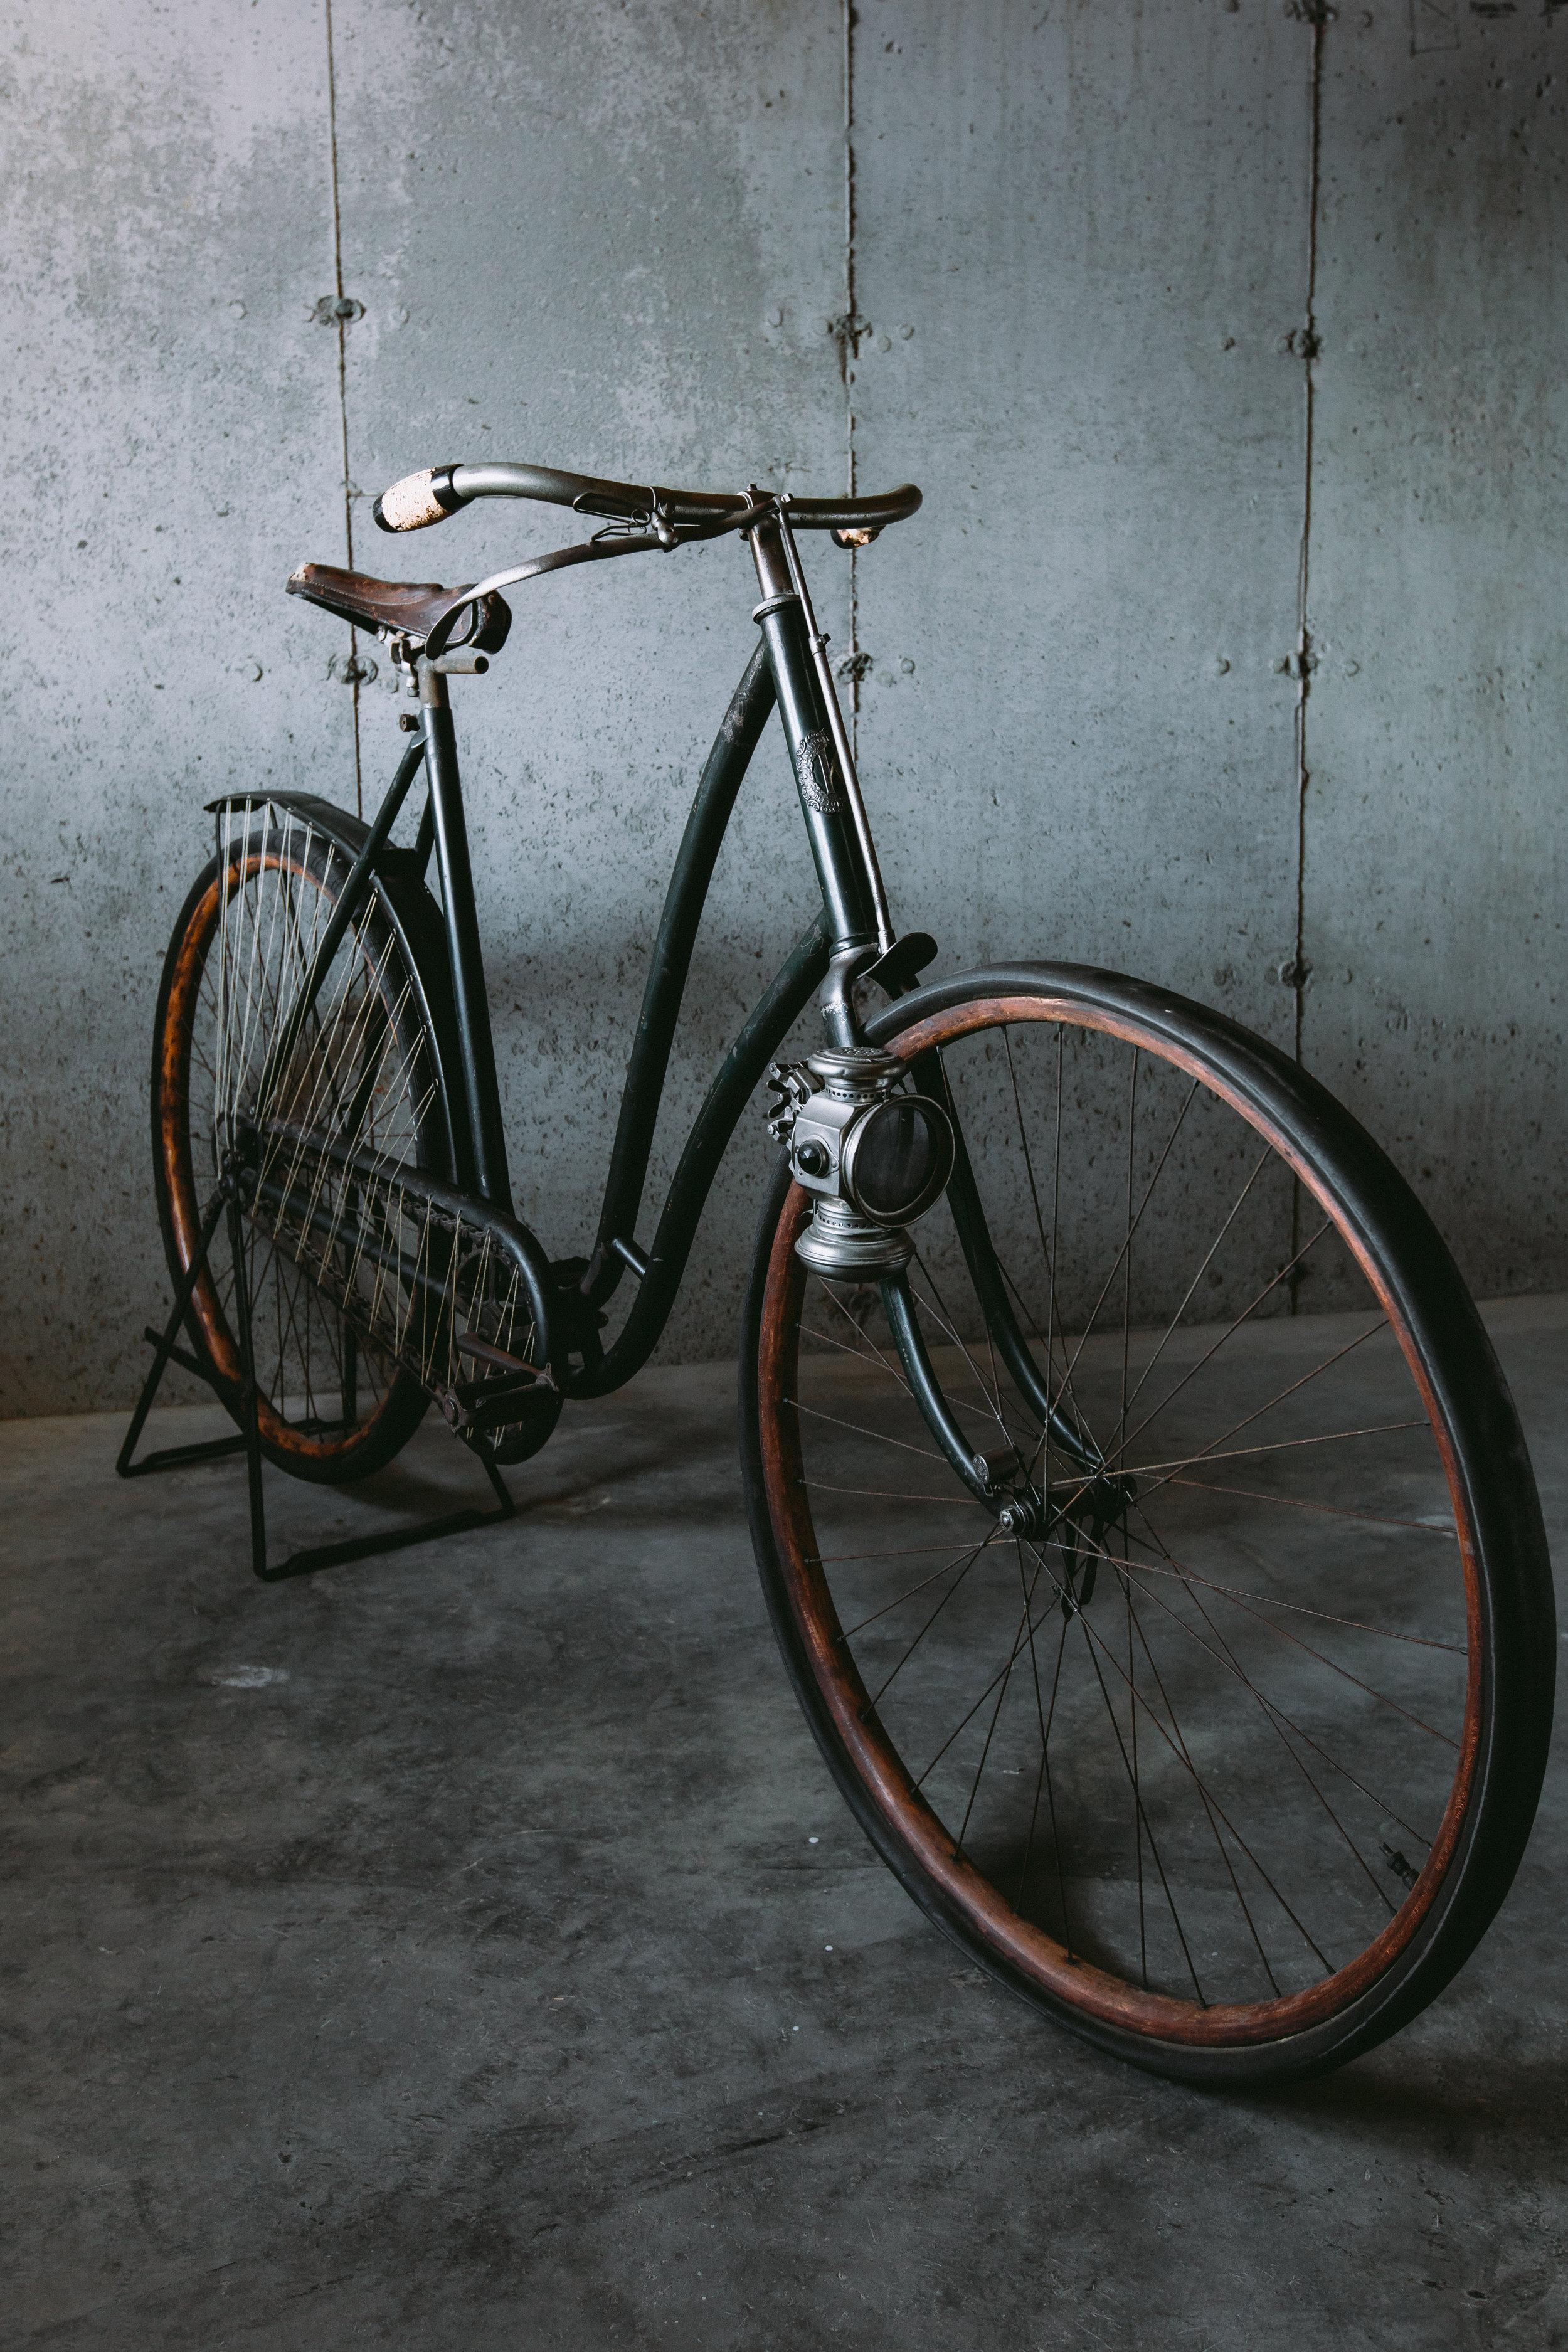 Keating_Womens_Bicycle-9992.jpg